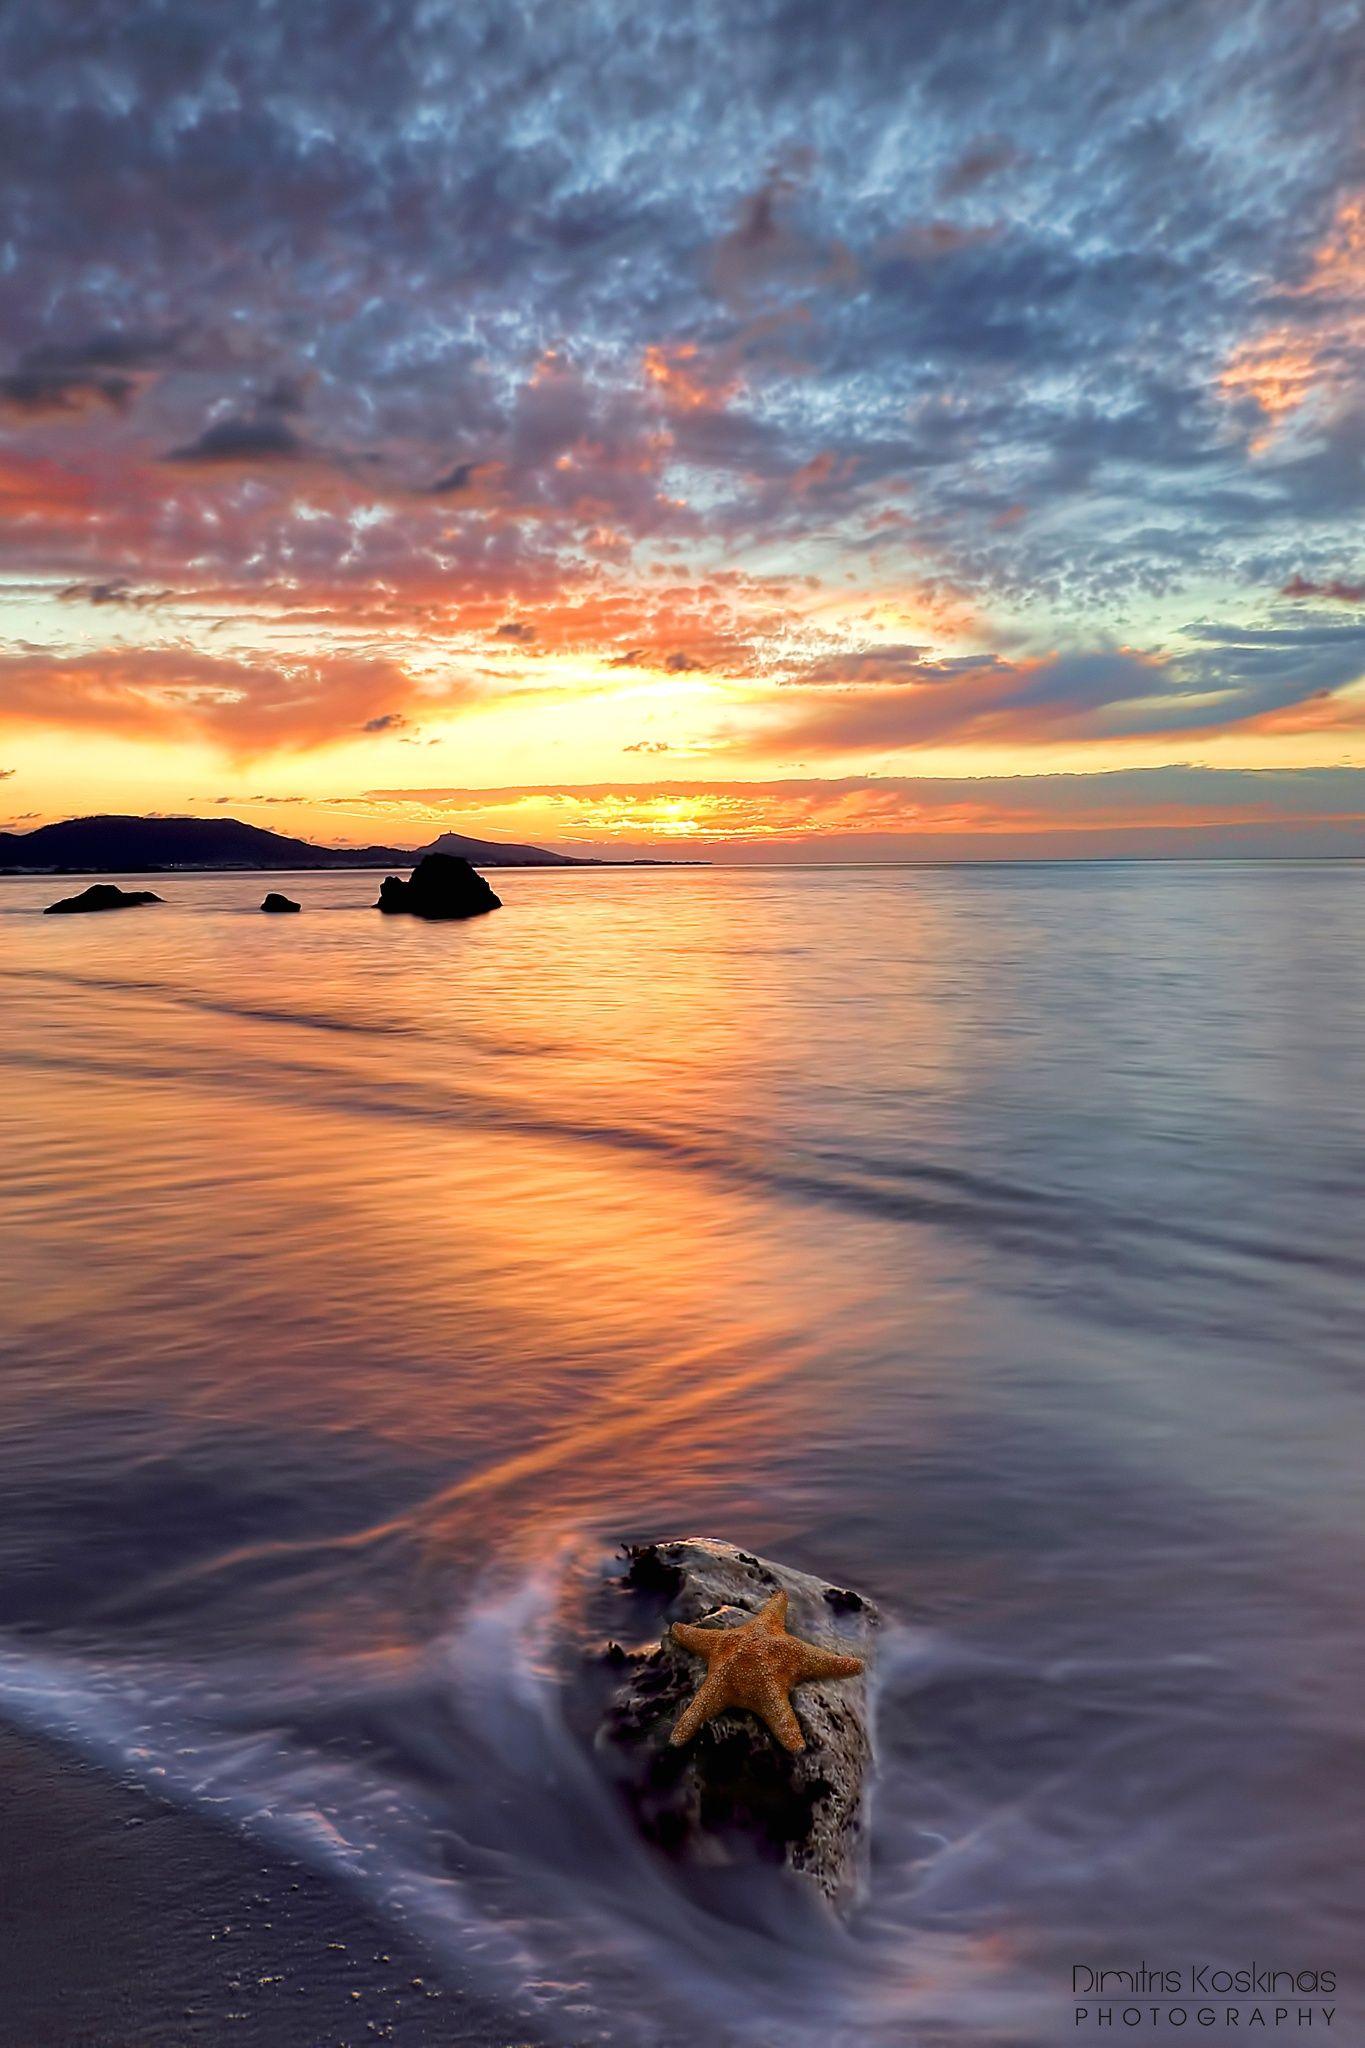 Starfish on the Rock by Dimitris Koskinas on 500px